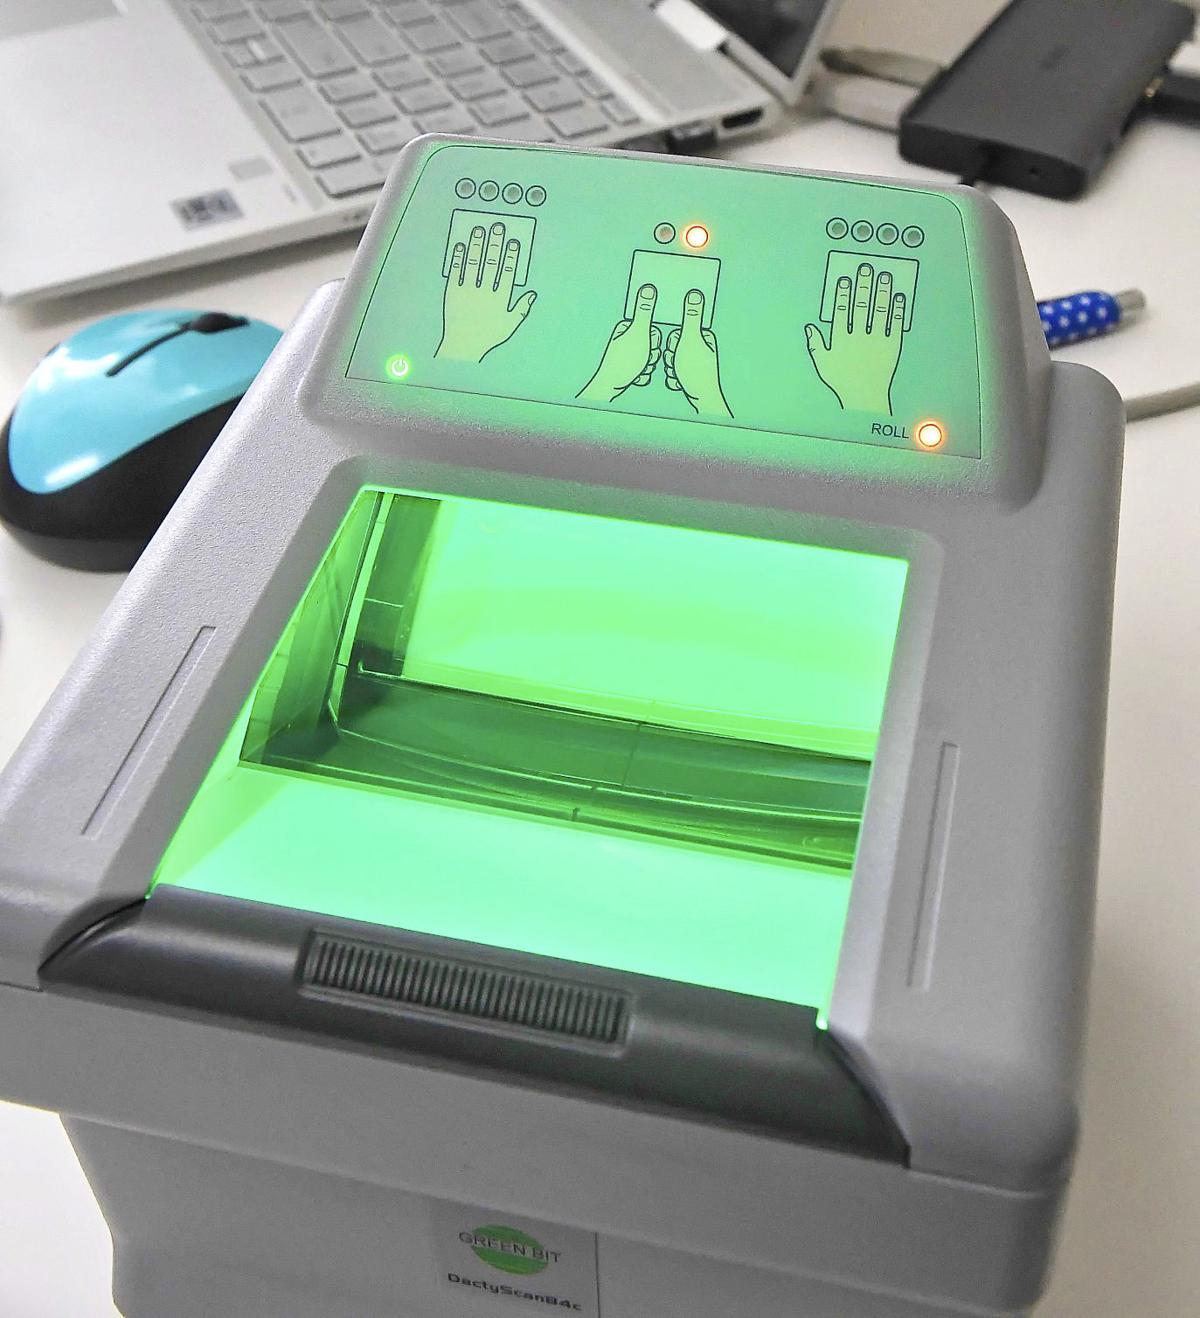 yup fingerprinting SECONDARY